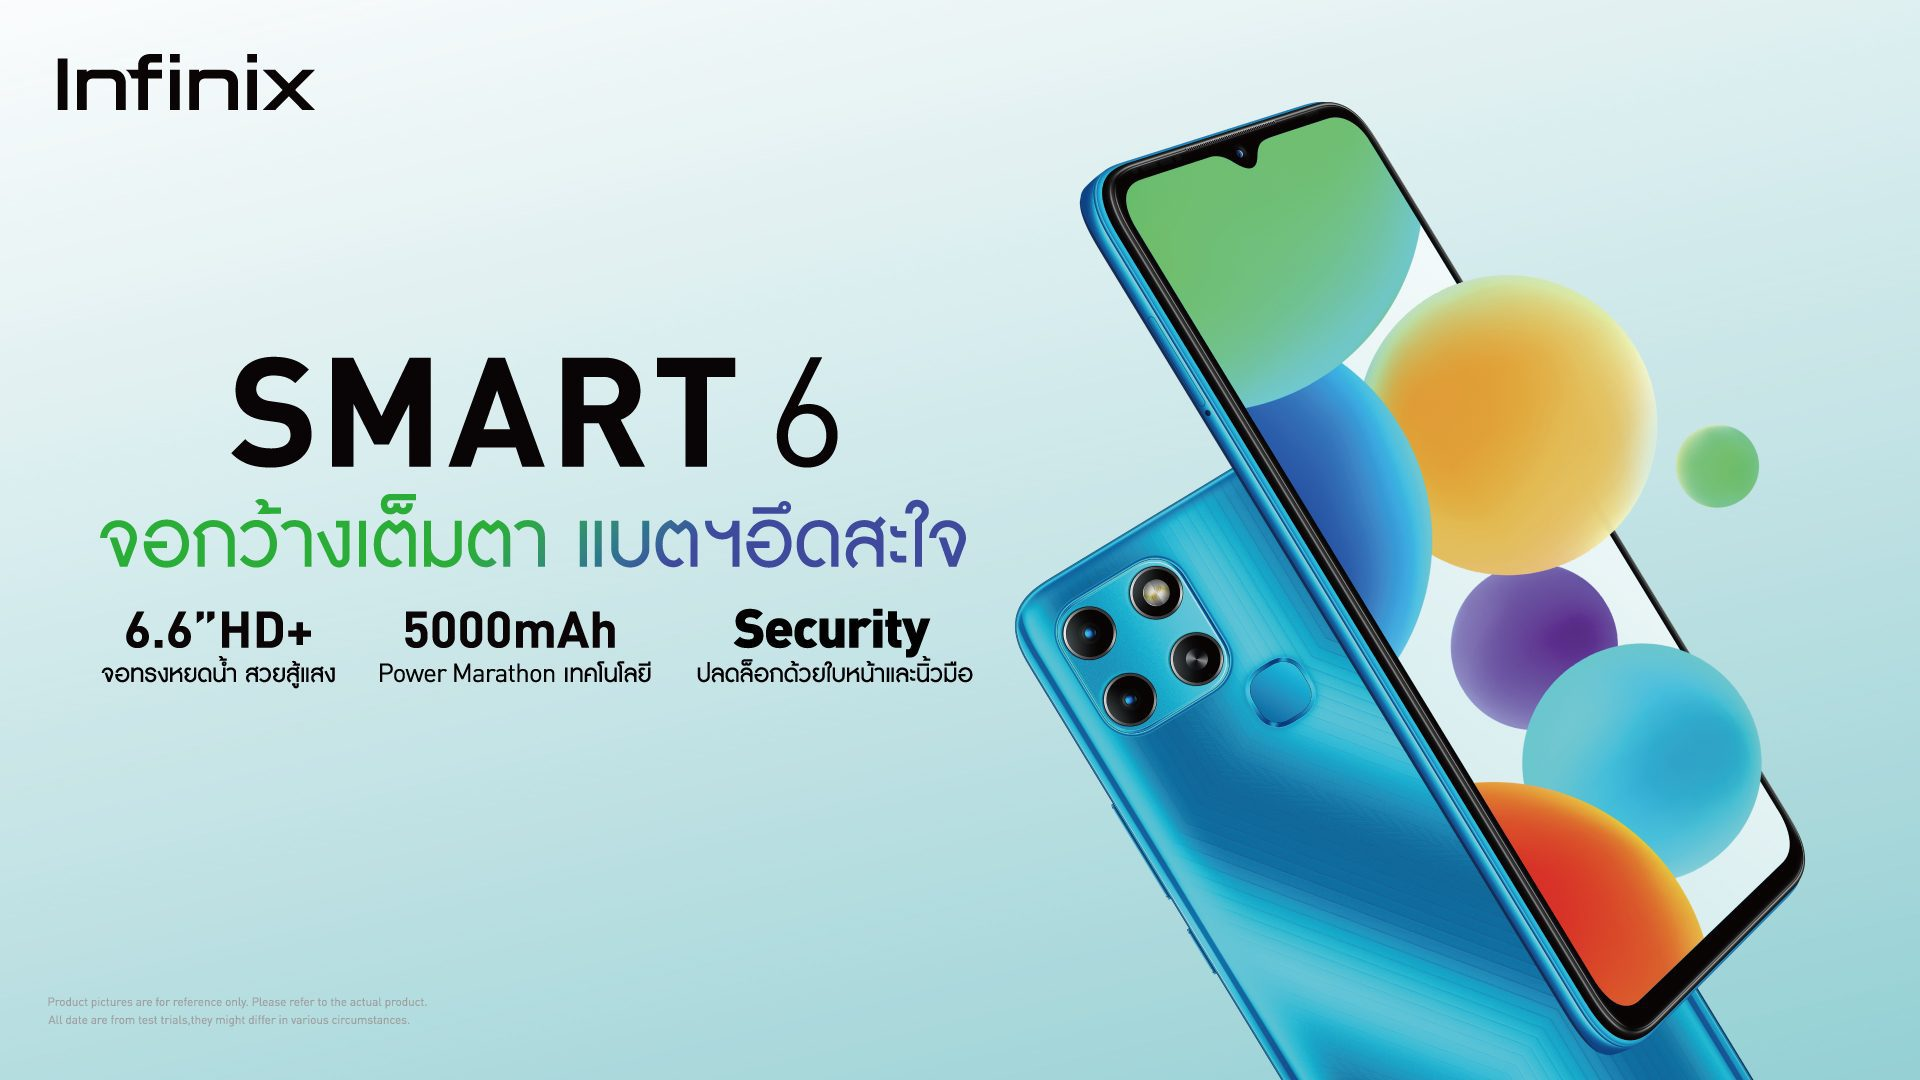 Infinix เปิดตัวมือถือราคาประหยัด Smart 6 ในประเทศไทย เป็นที่แรกของโลก จอกว้างเต็มตา แบตฯ อึดสะใจ ในราคาเพียง 3,199 บาท